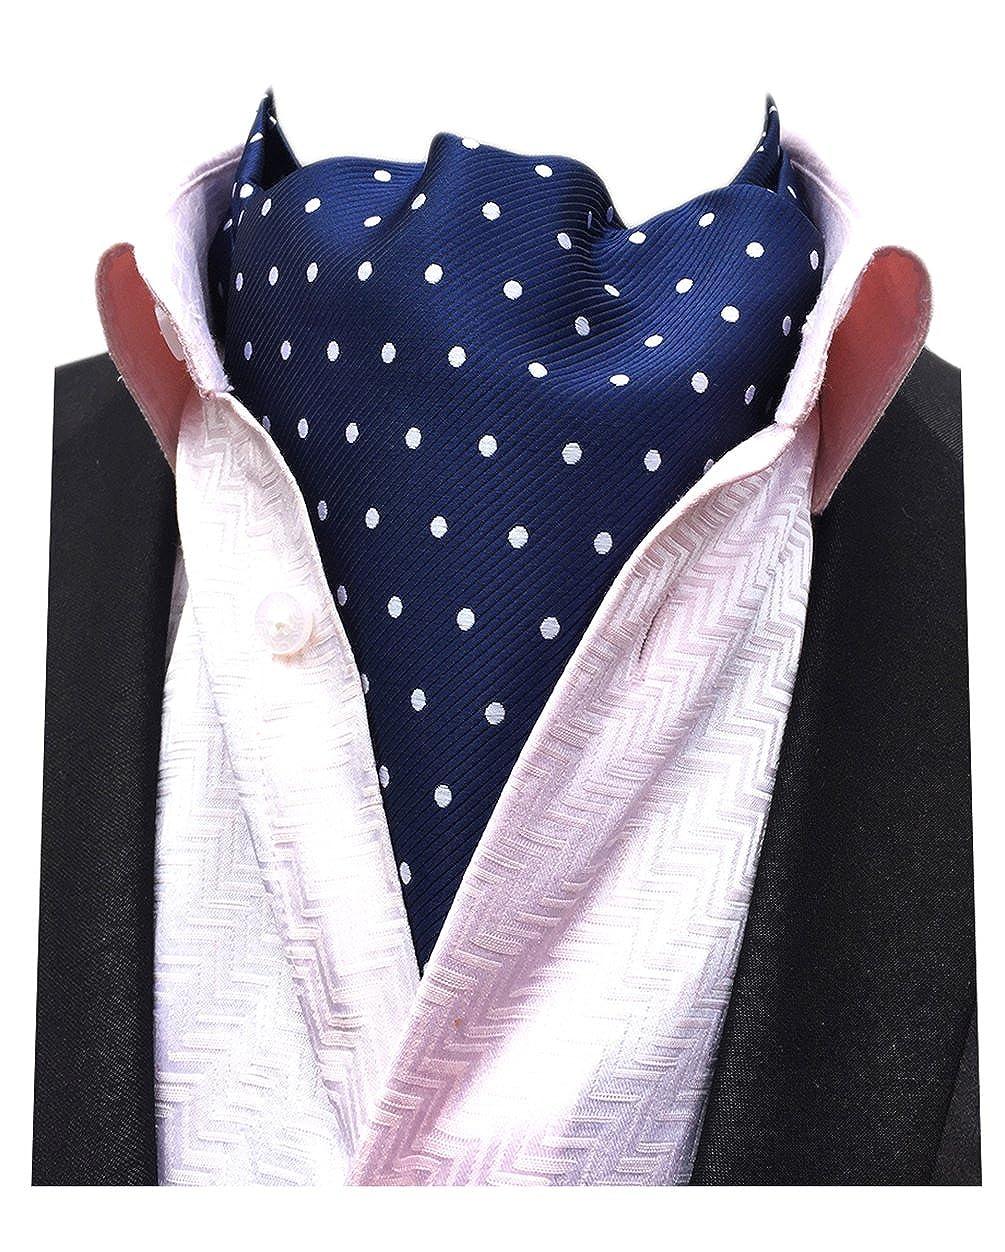 MENDENG Men's Polka Dot Jacquard Woven 100% Silk Cravat Necktie Formal Ascot AVNTF0502